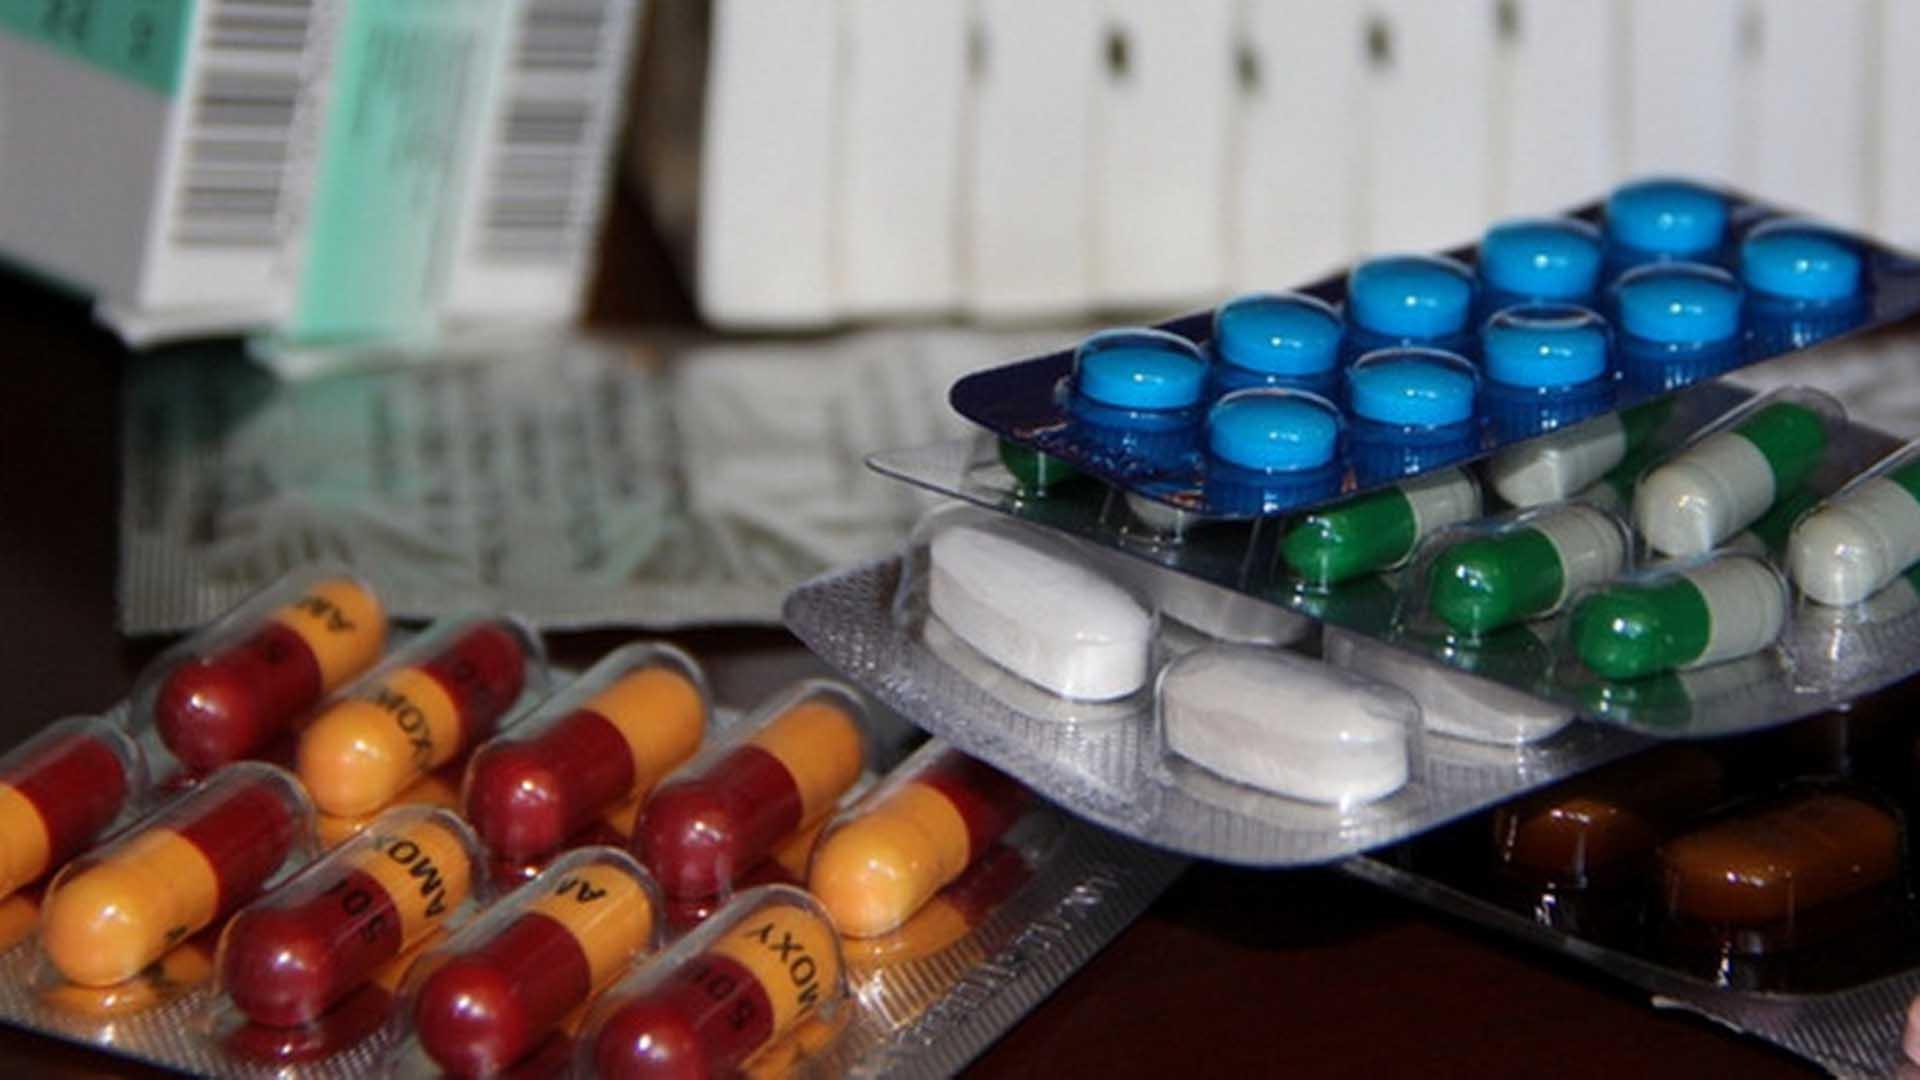 medicinas_venta_ilegal